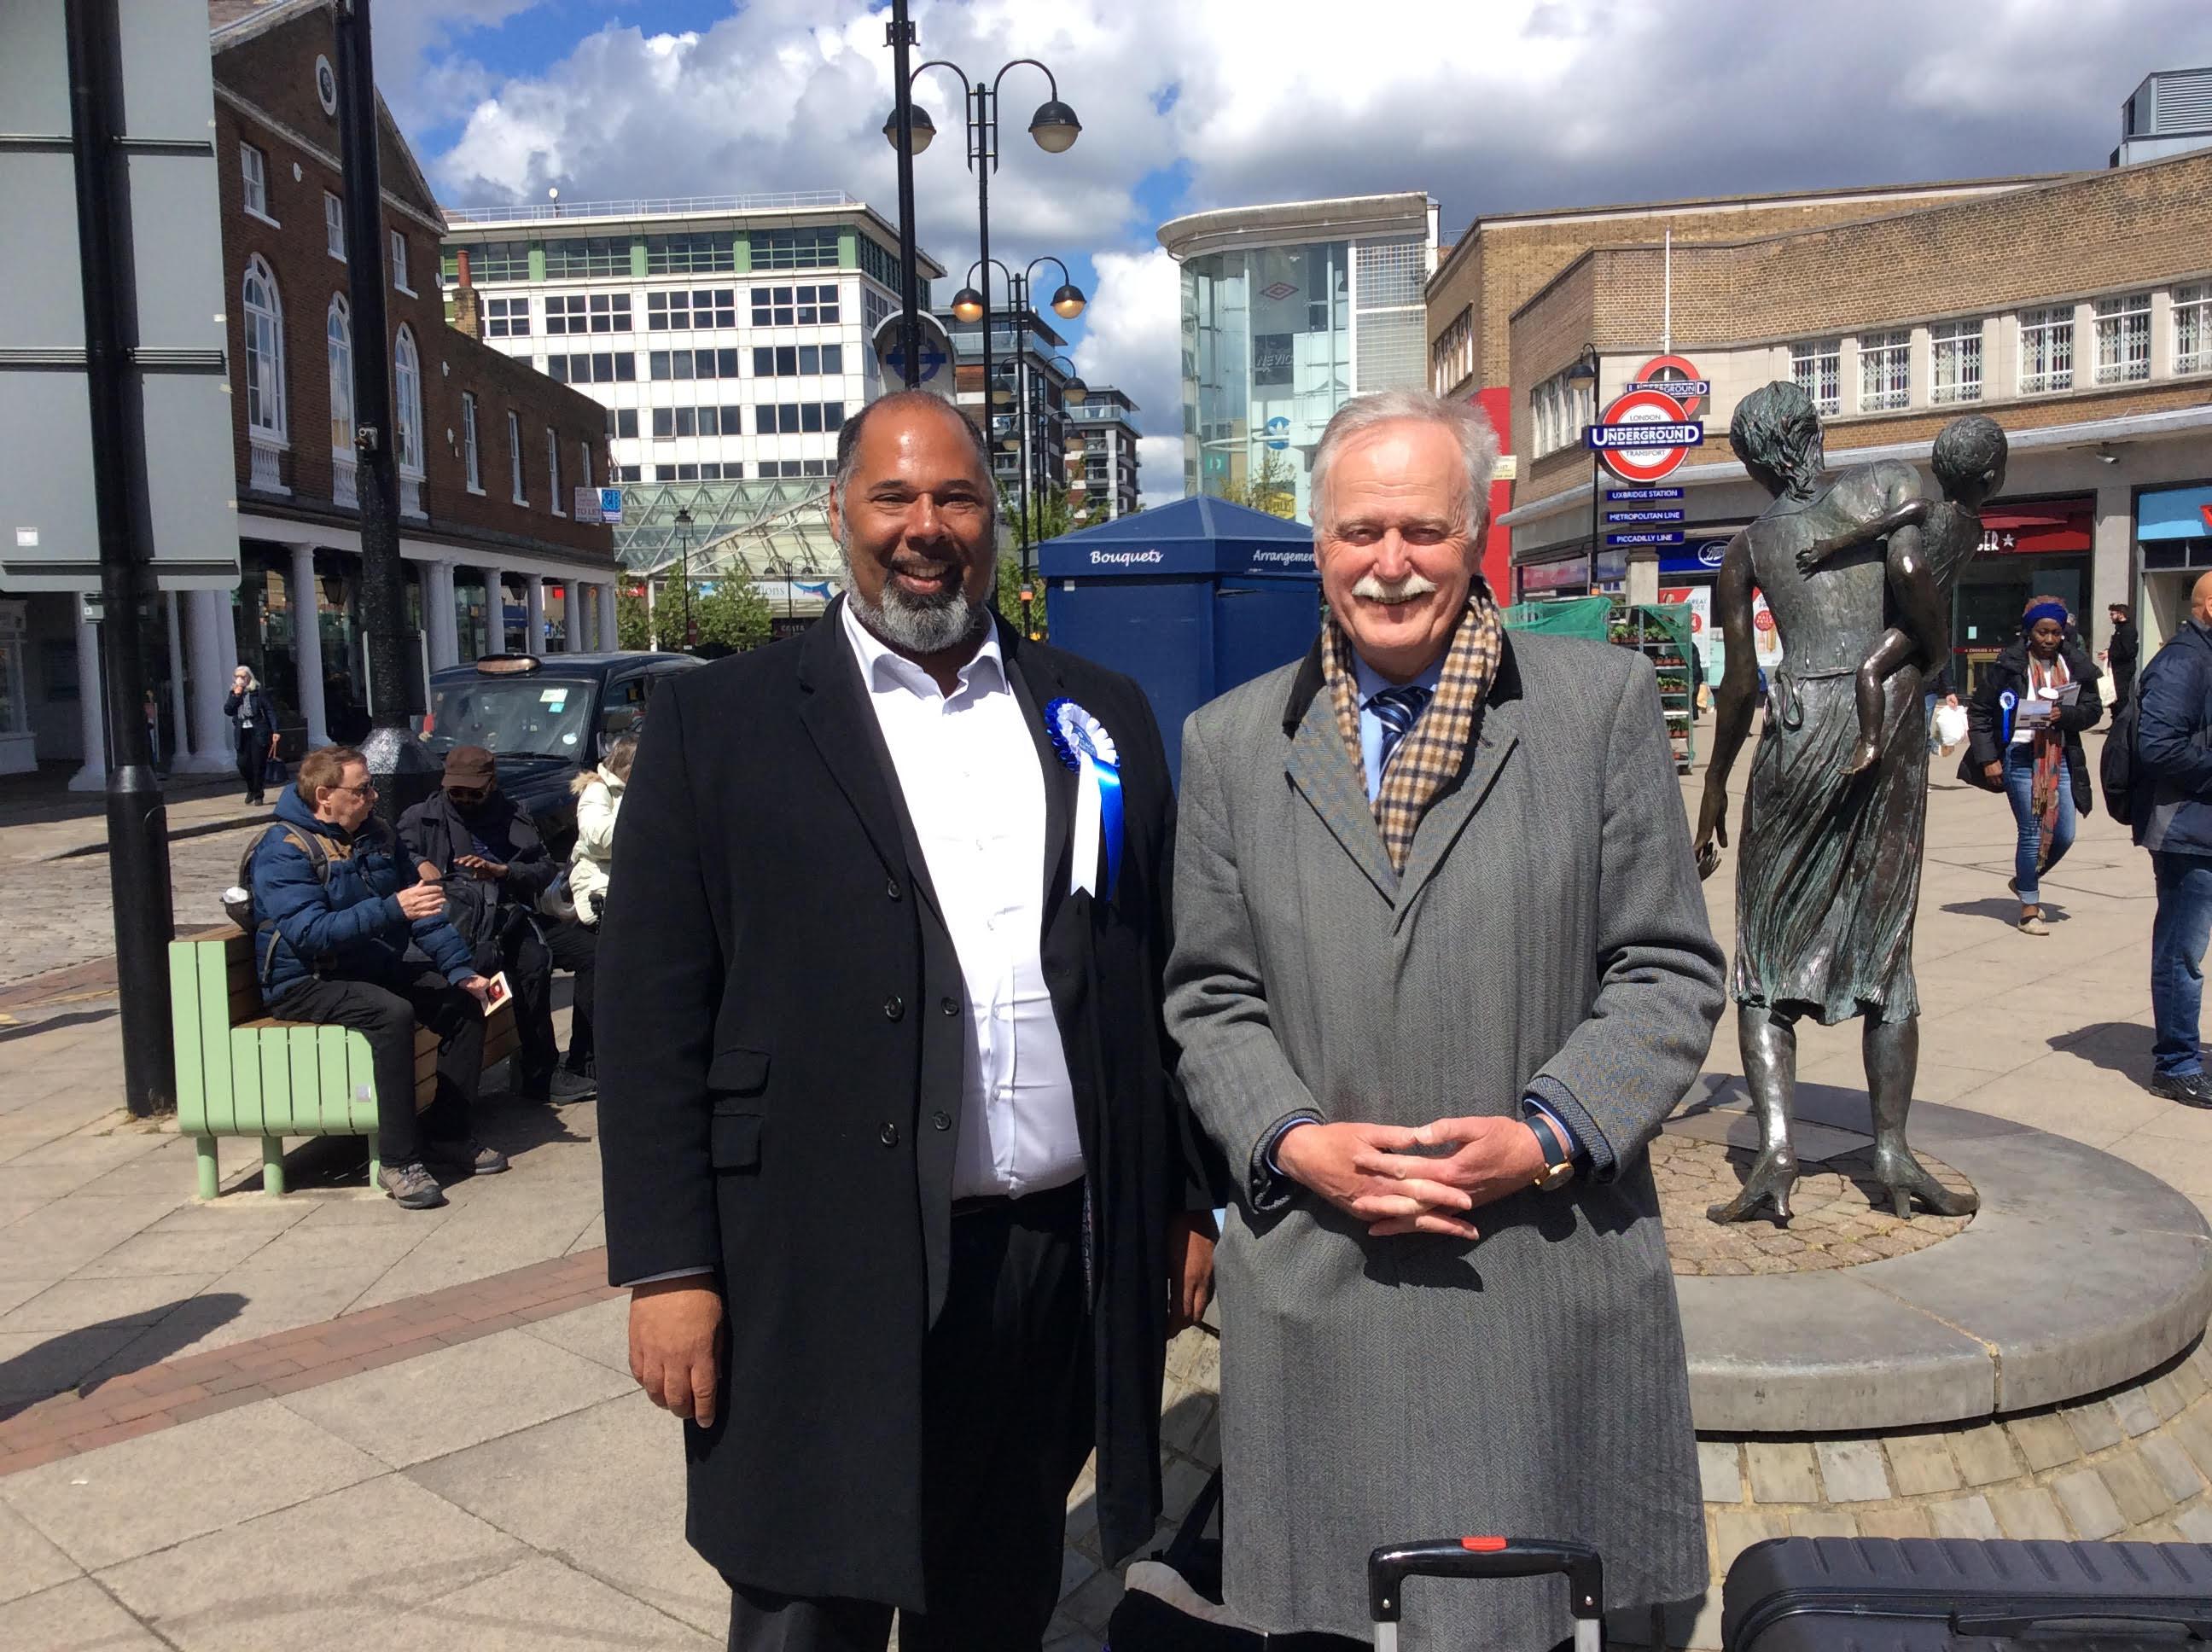 U.K. Pastor Arrested After Anti-Same-Sex Marriage Comments Back on Stump